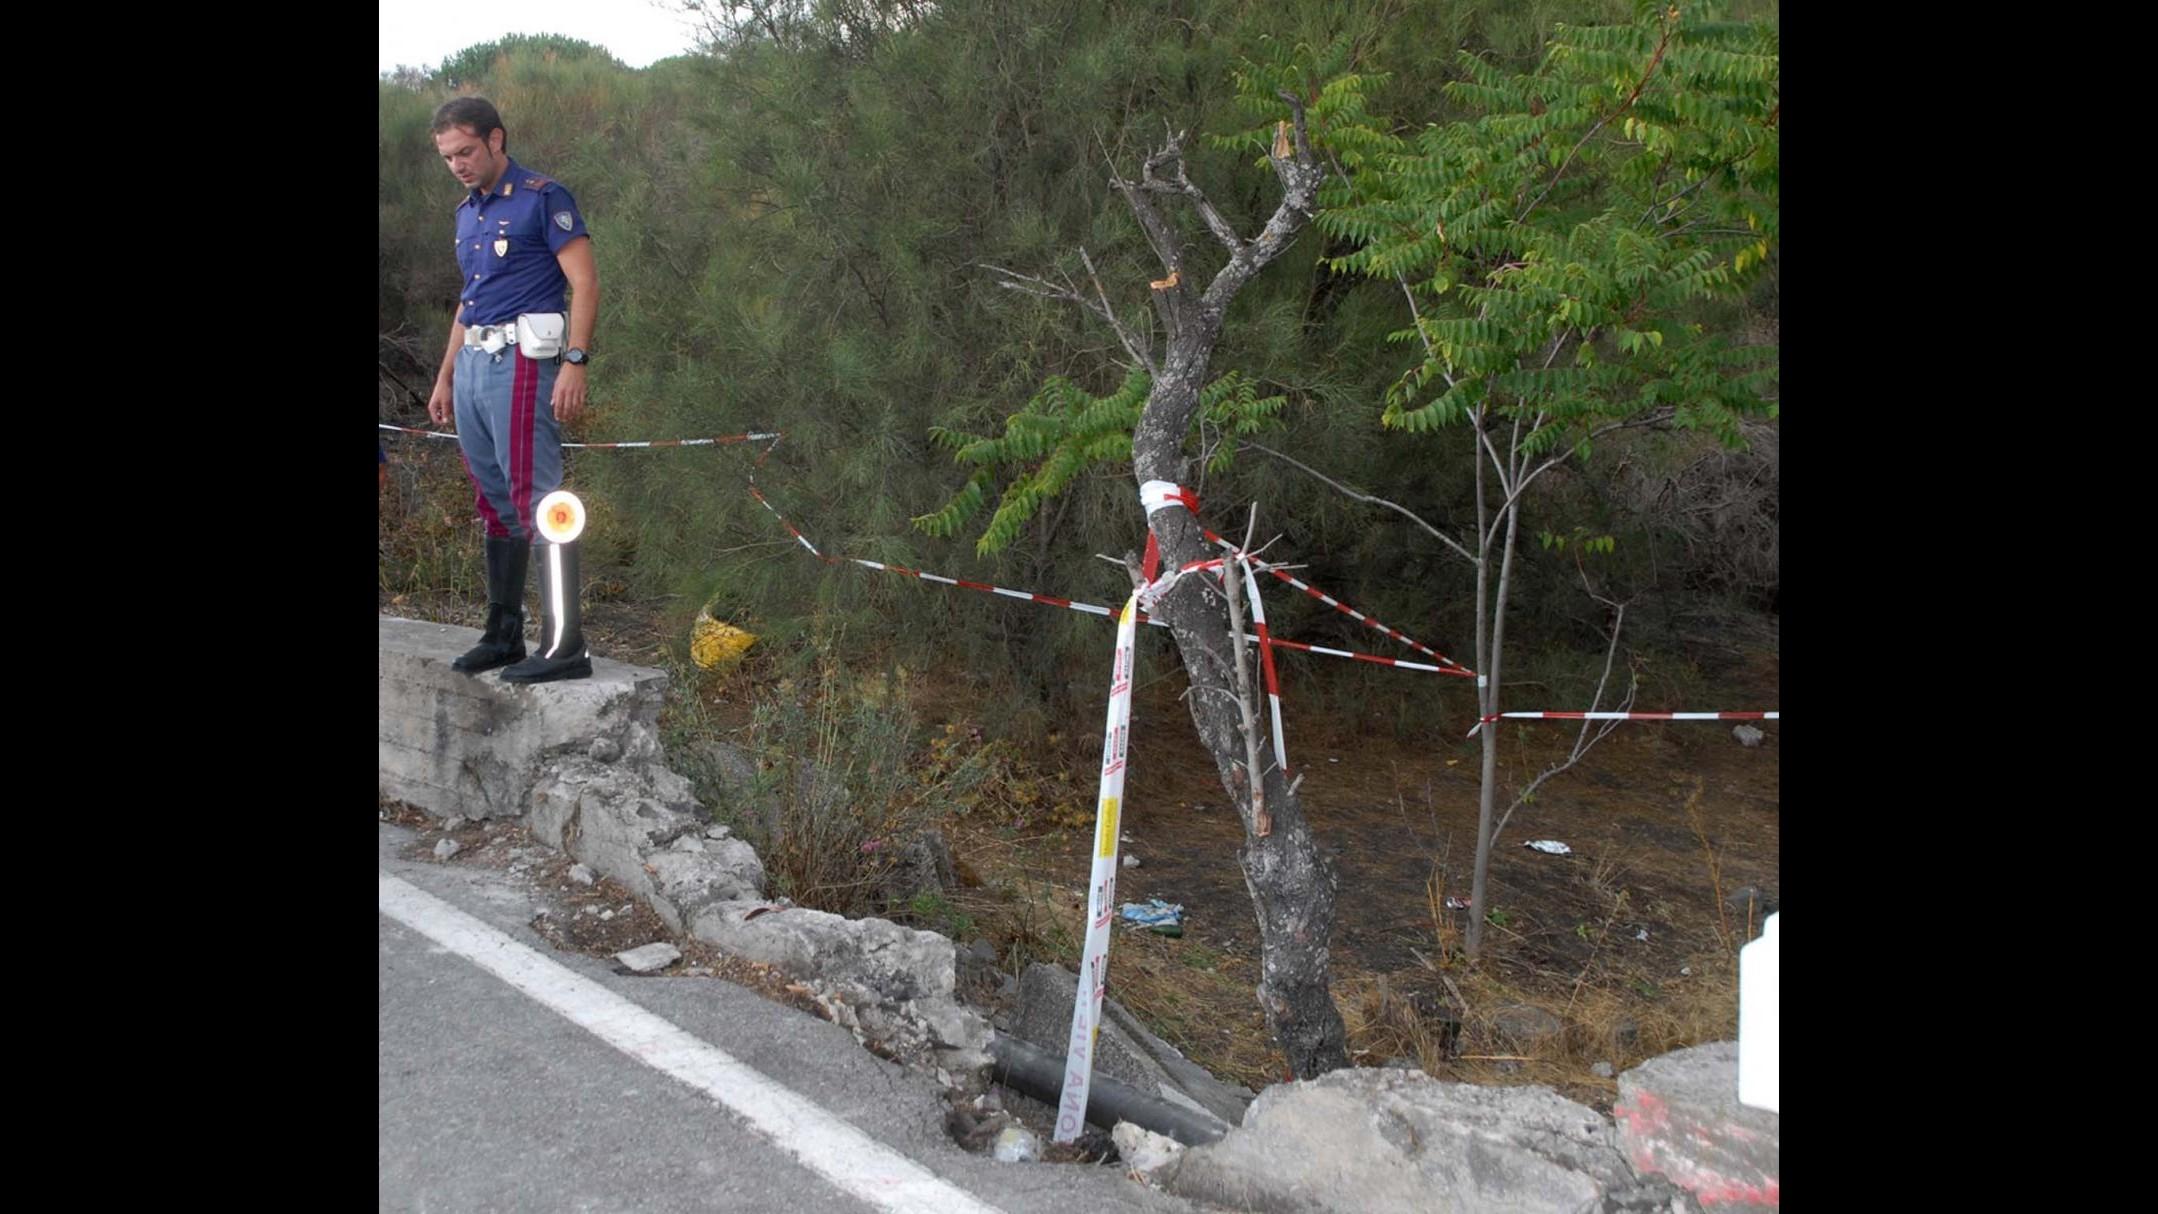 Frosinone, dramma alle prove di rally: muoiono pilota e navigatore